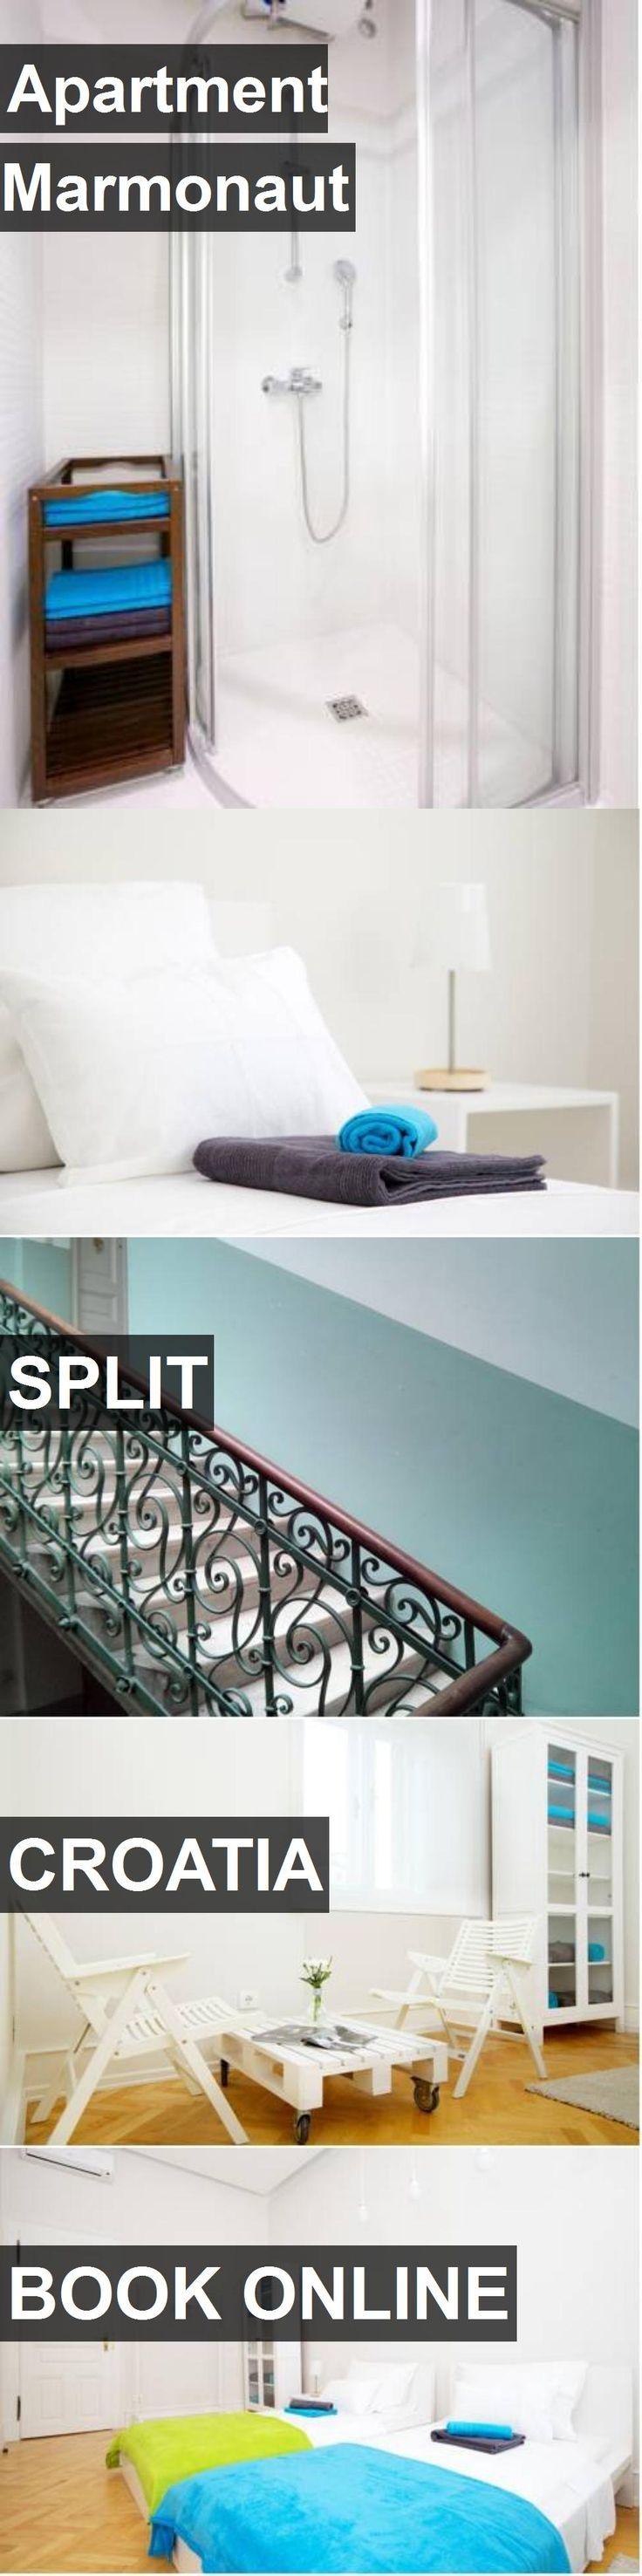 The 25 best Hotels in split ideas on Pinterest